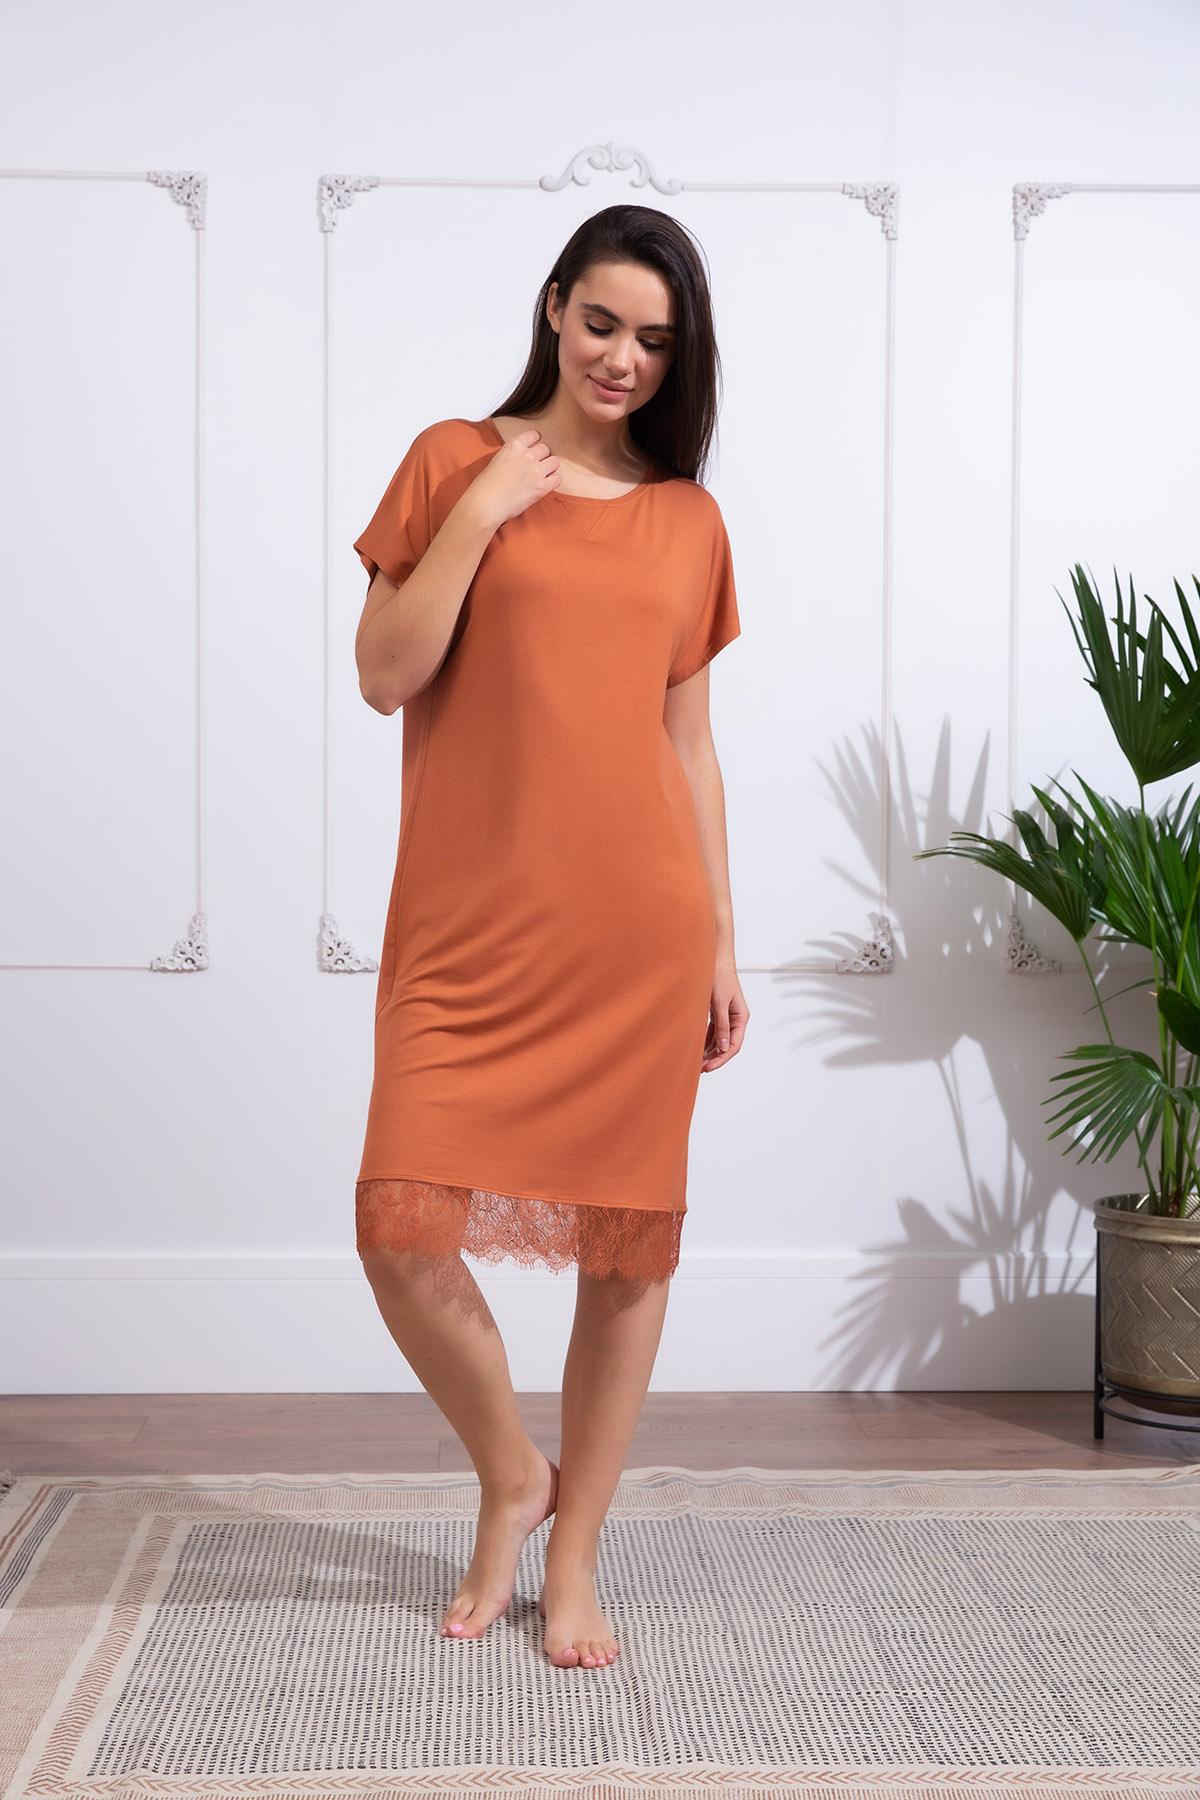 Hays Kadın Büyük Beden Kısa Kollu Dantel Detaylı Elbise